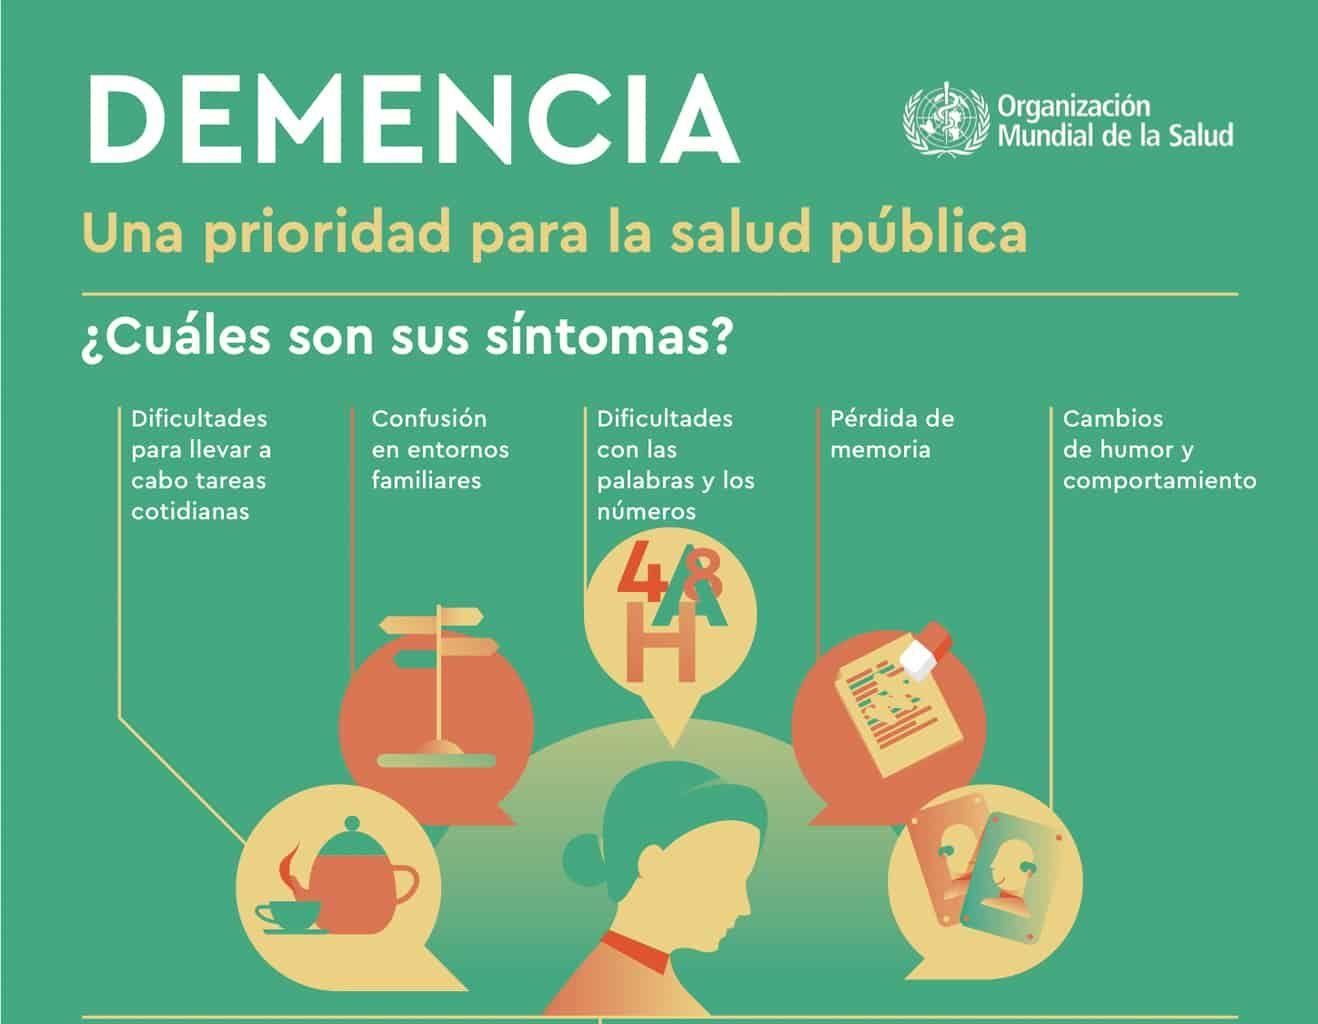 La demencia es un trastorno que se caracteriza por el deterioro de la función c...